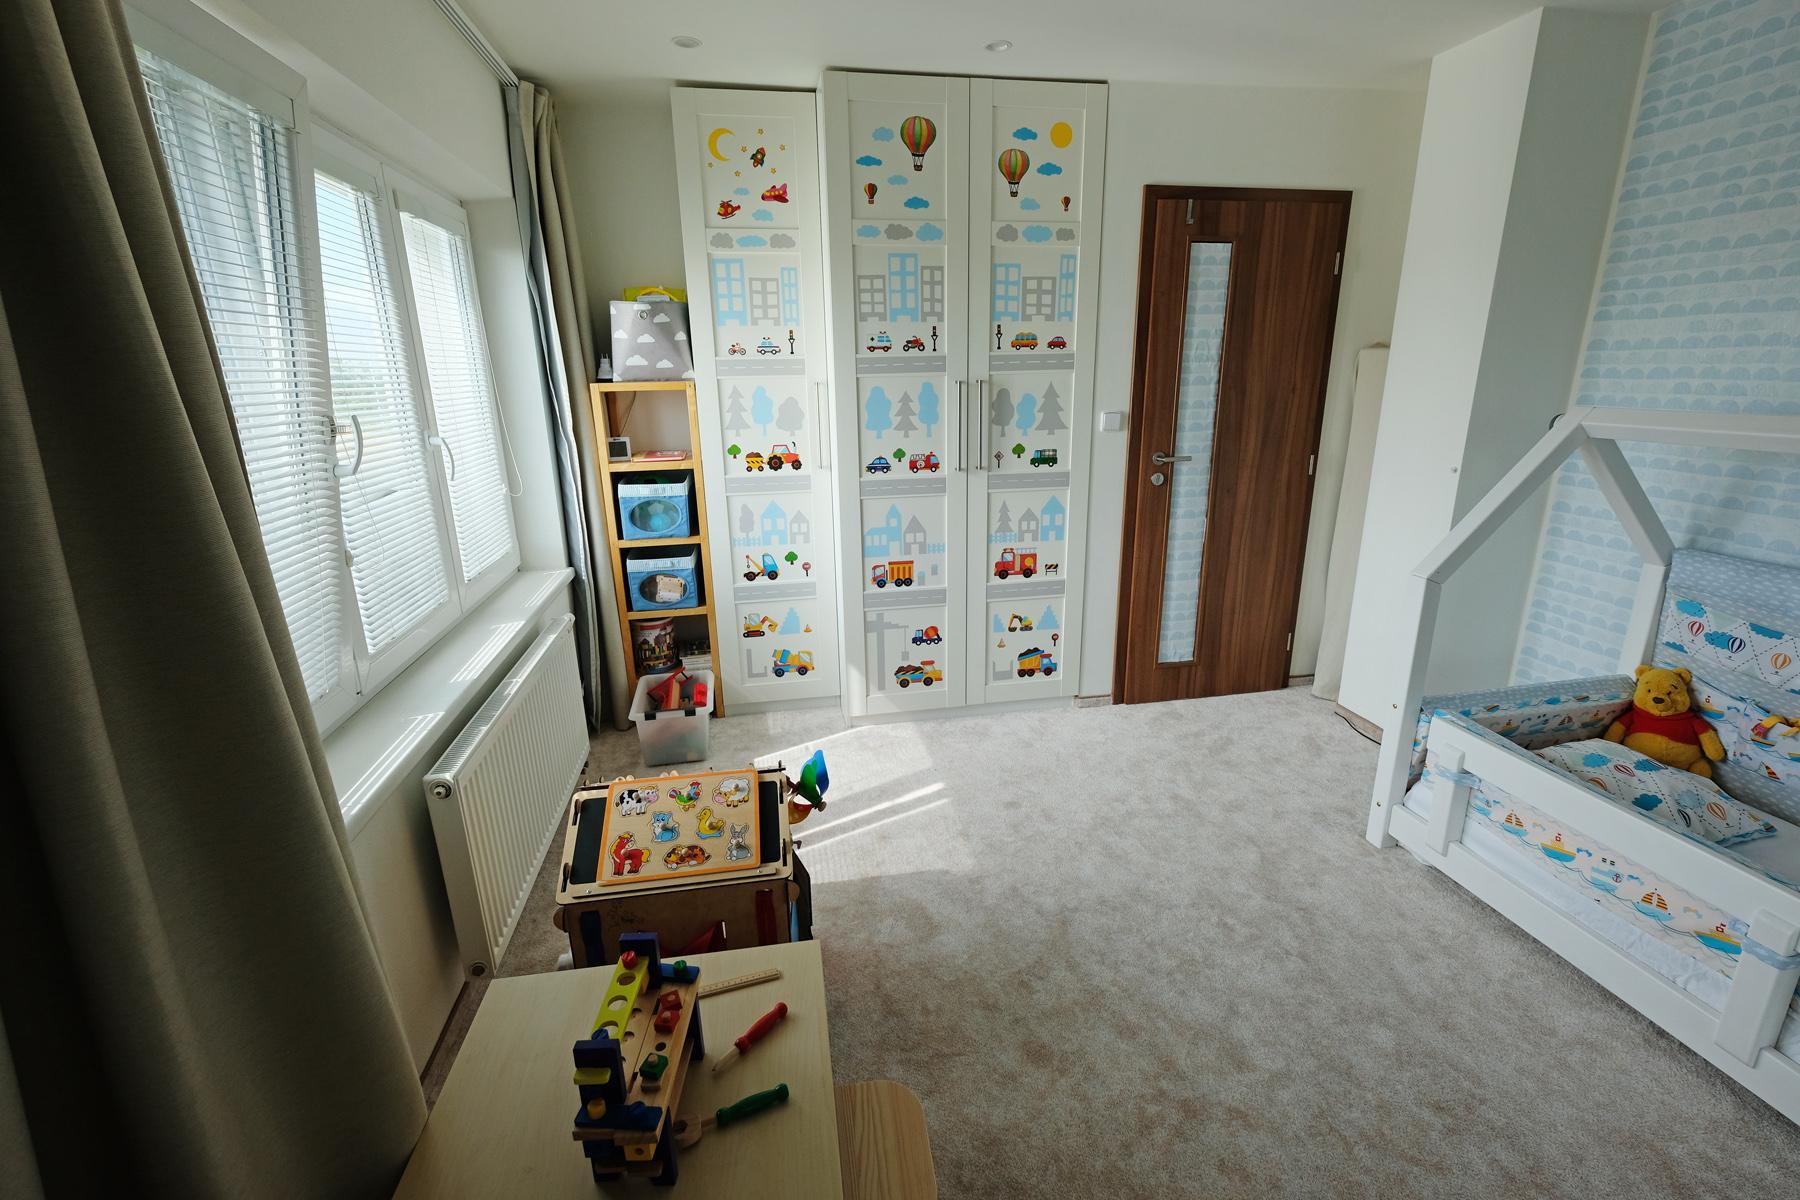 Maťkova izba - Obrázek č. 12